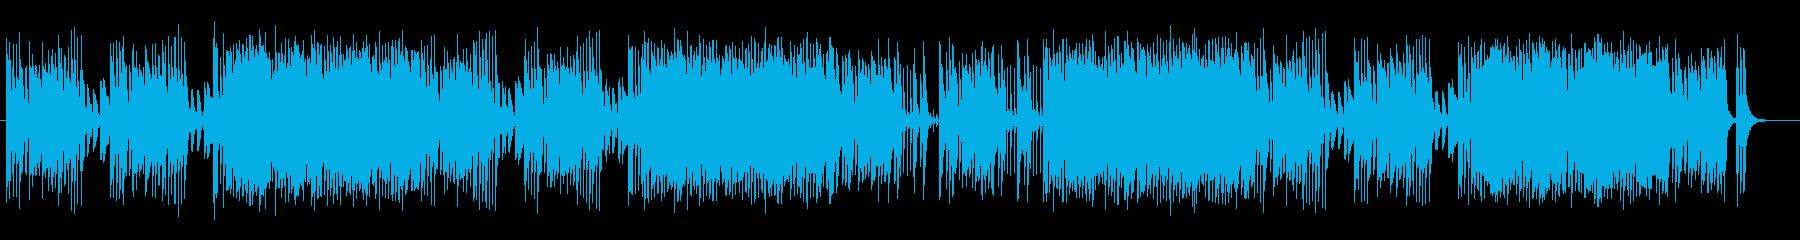 軽快なリズムが特徴のほのぼのしたポップスの再生済みの波形